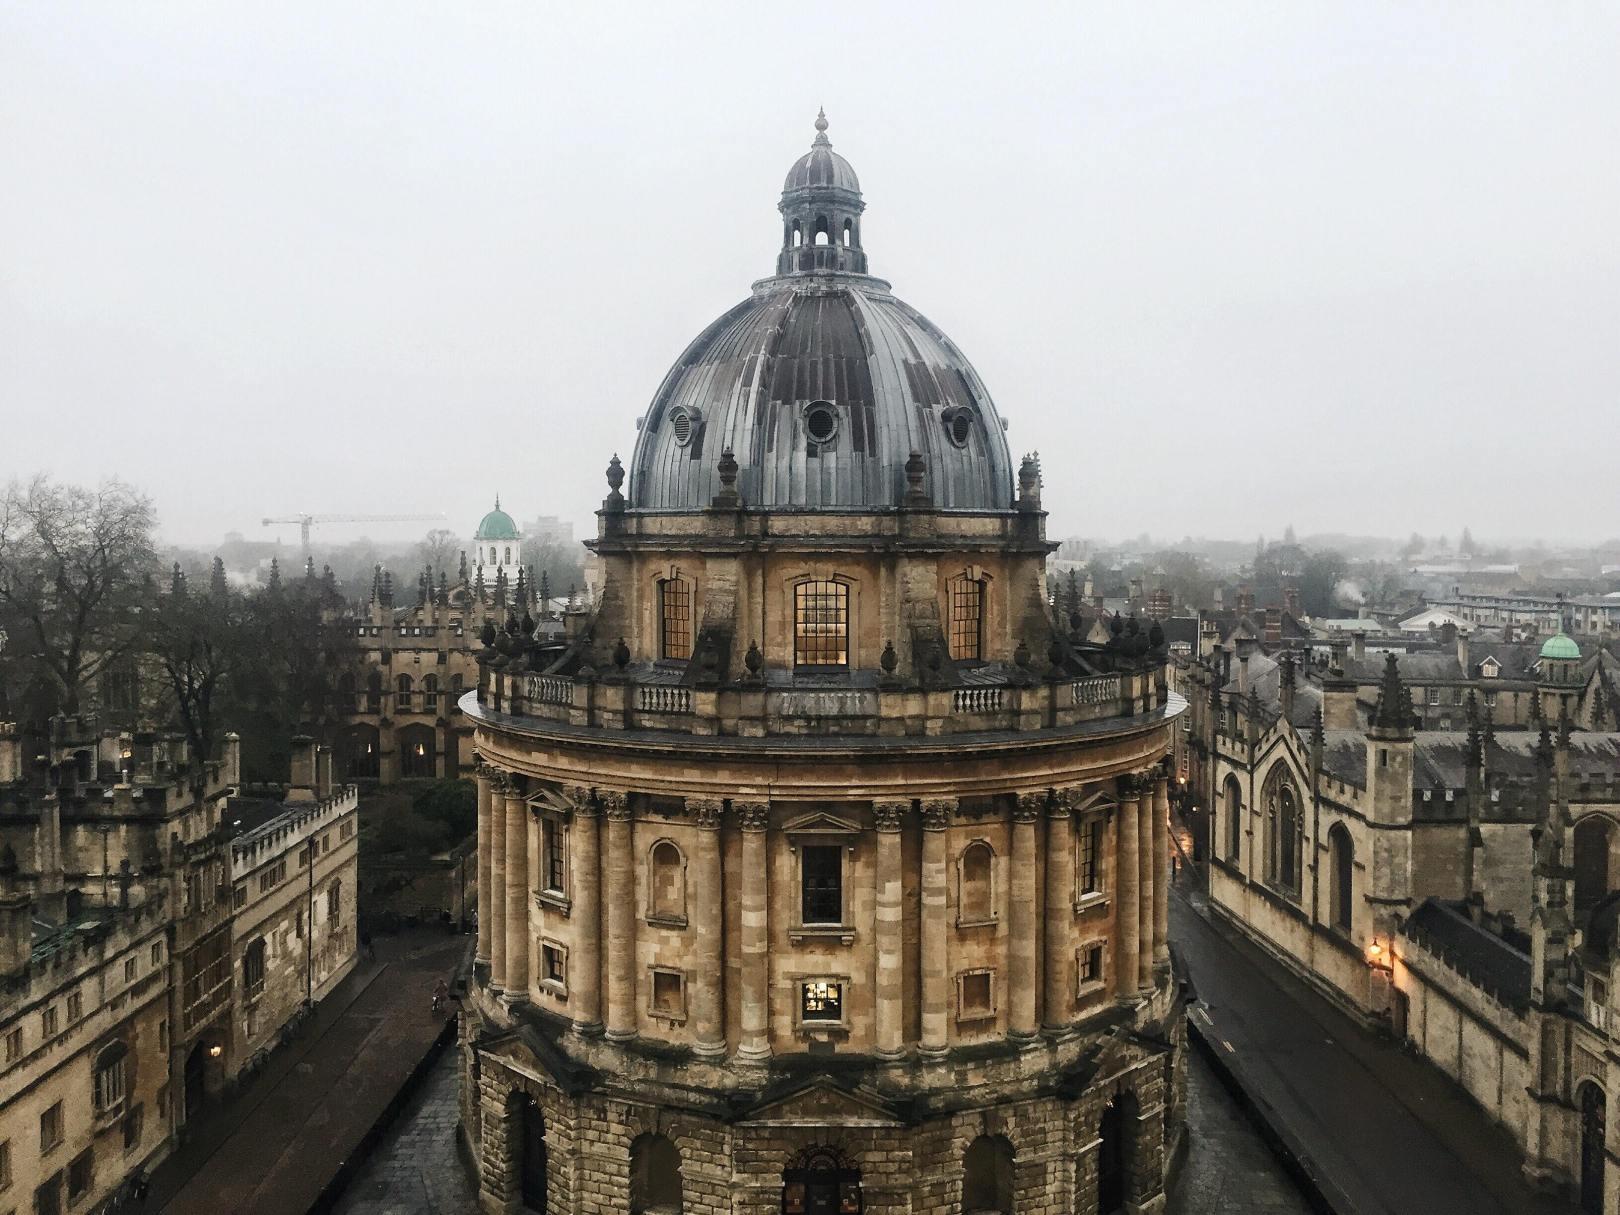 Бодлианская библиотека, Оксфорд